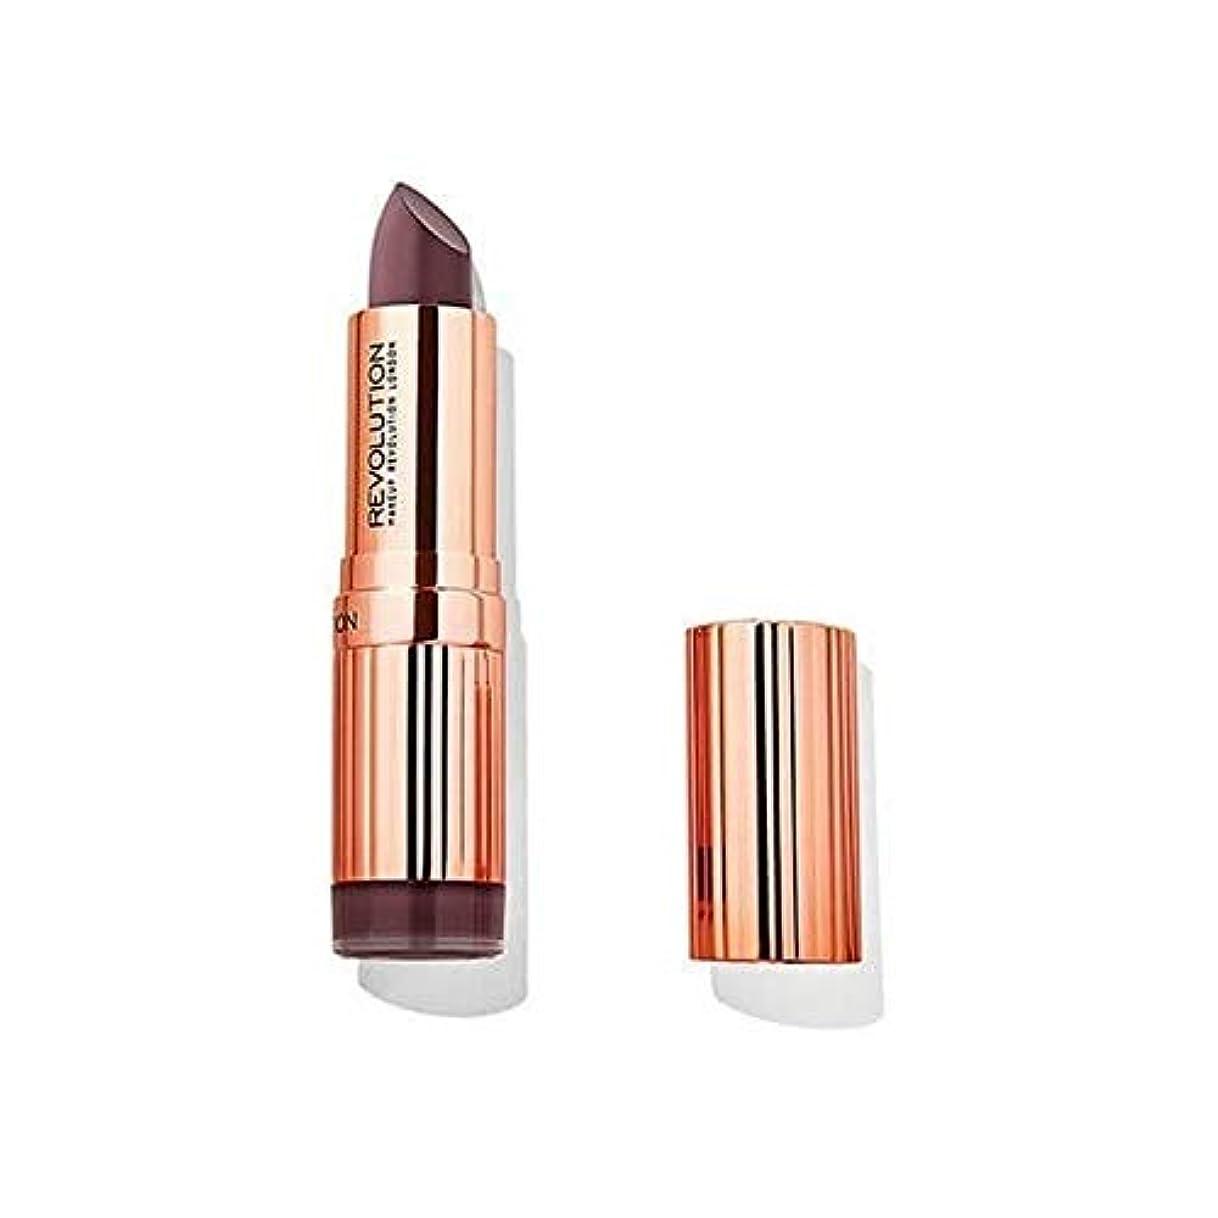 ウェイトレスインセンティブ祝福する[Revolution ] 革命ルネサンス口紅買収 - Revolution Renaissance Lipstick Takeover [並行輸入品]